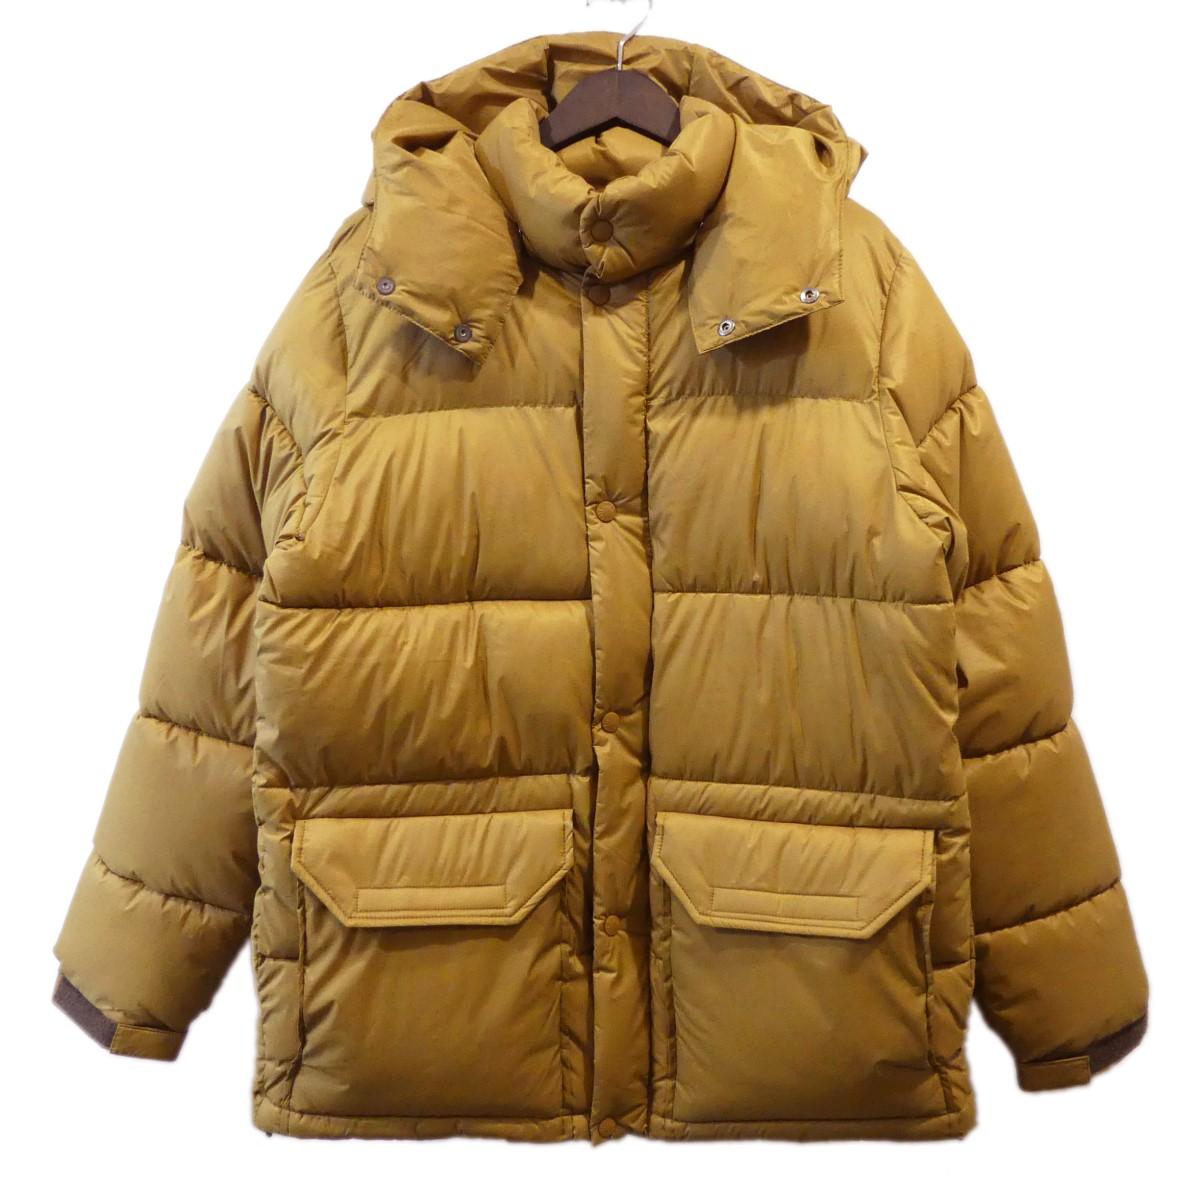 【中古】THE NORTH FACE 中綿ジャケット CAMP SIERRA SHORT ブリティッシュカーキ サイズ:M 【020220】(ザノースフェイス)